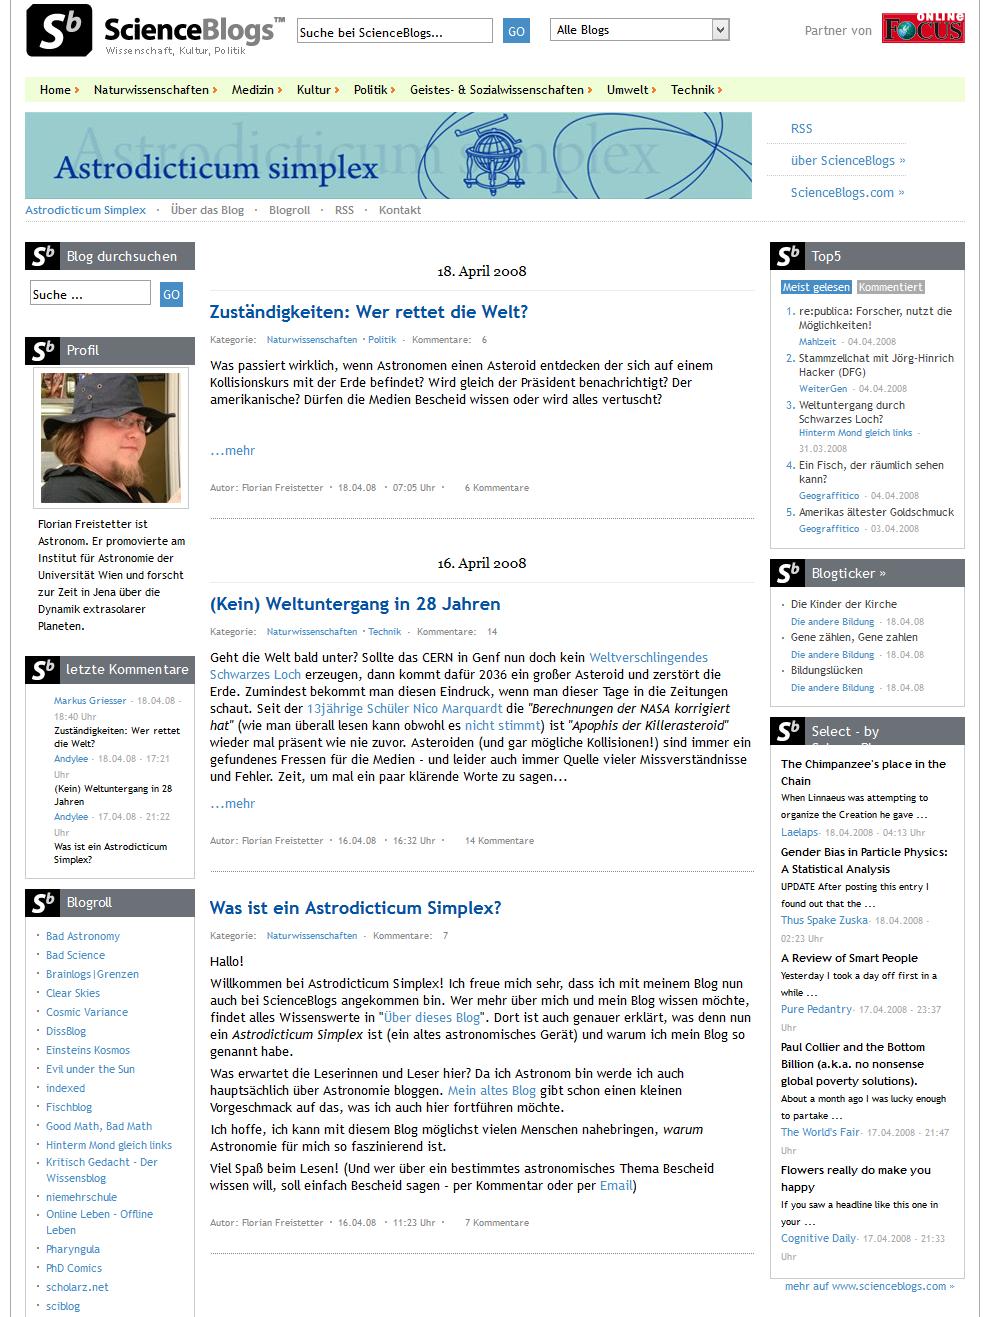 So sah das alles im April 2008 aus (sagt zumindest archive.org - aber waren die ScienceBlogs damal nicht irgendwie gelb??)